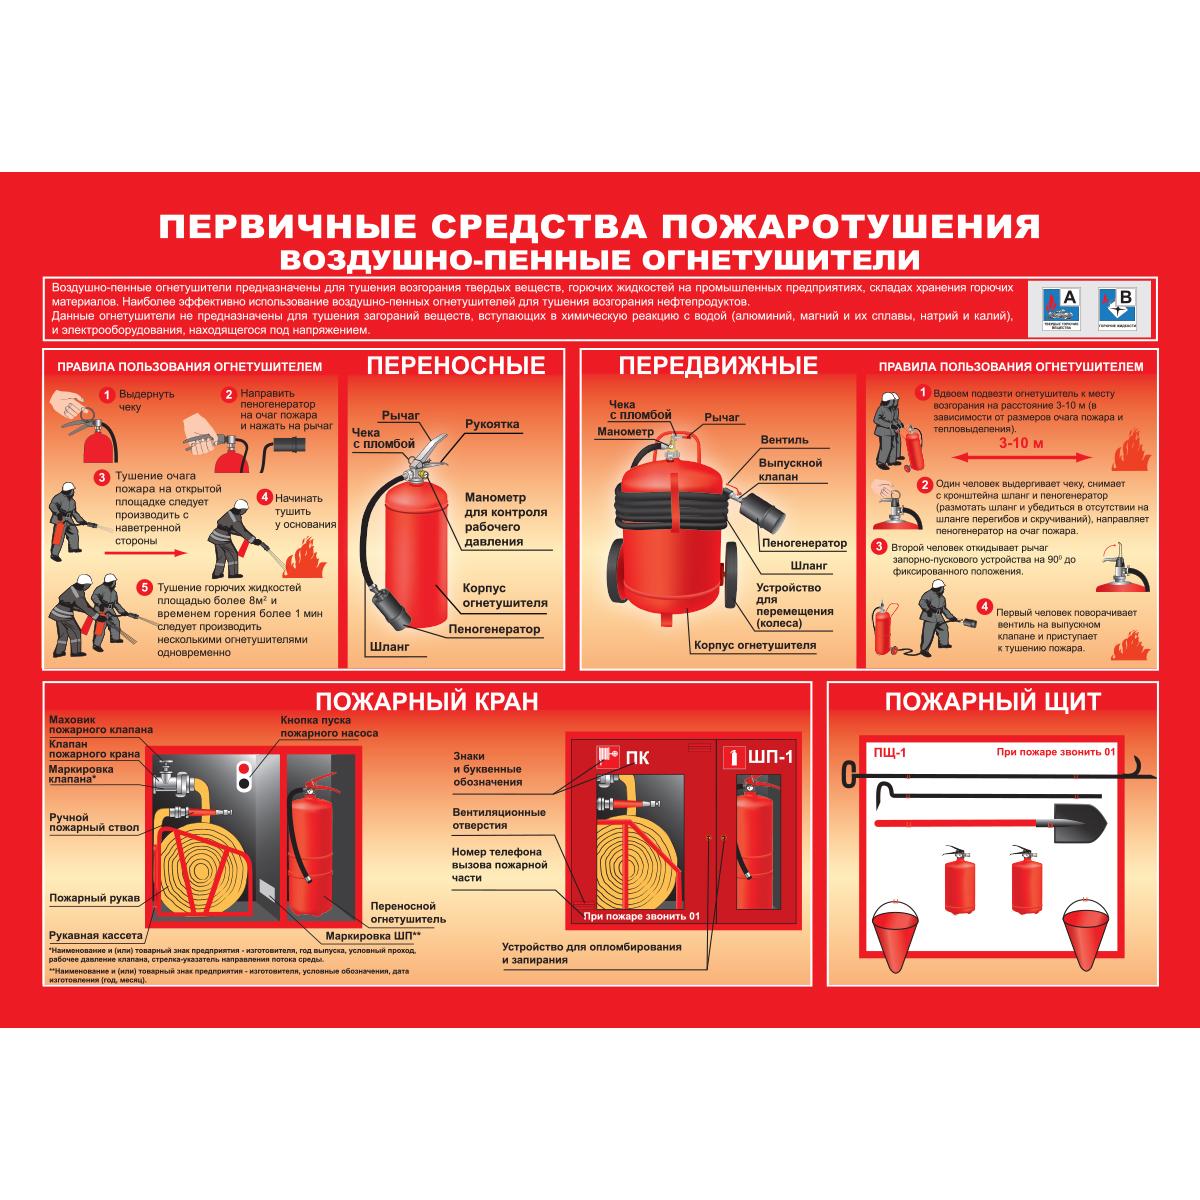 Новые инструкции по пожарной безопасности в 2018 году